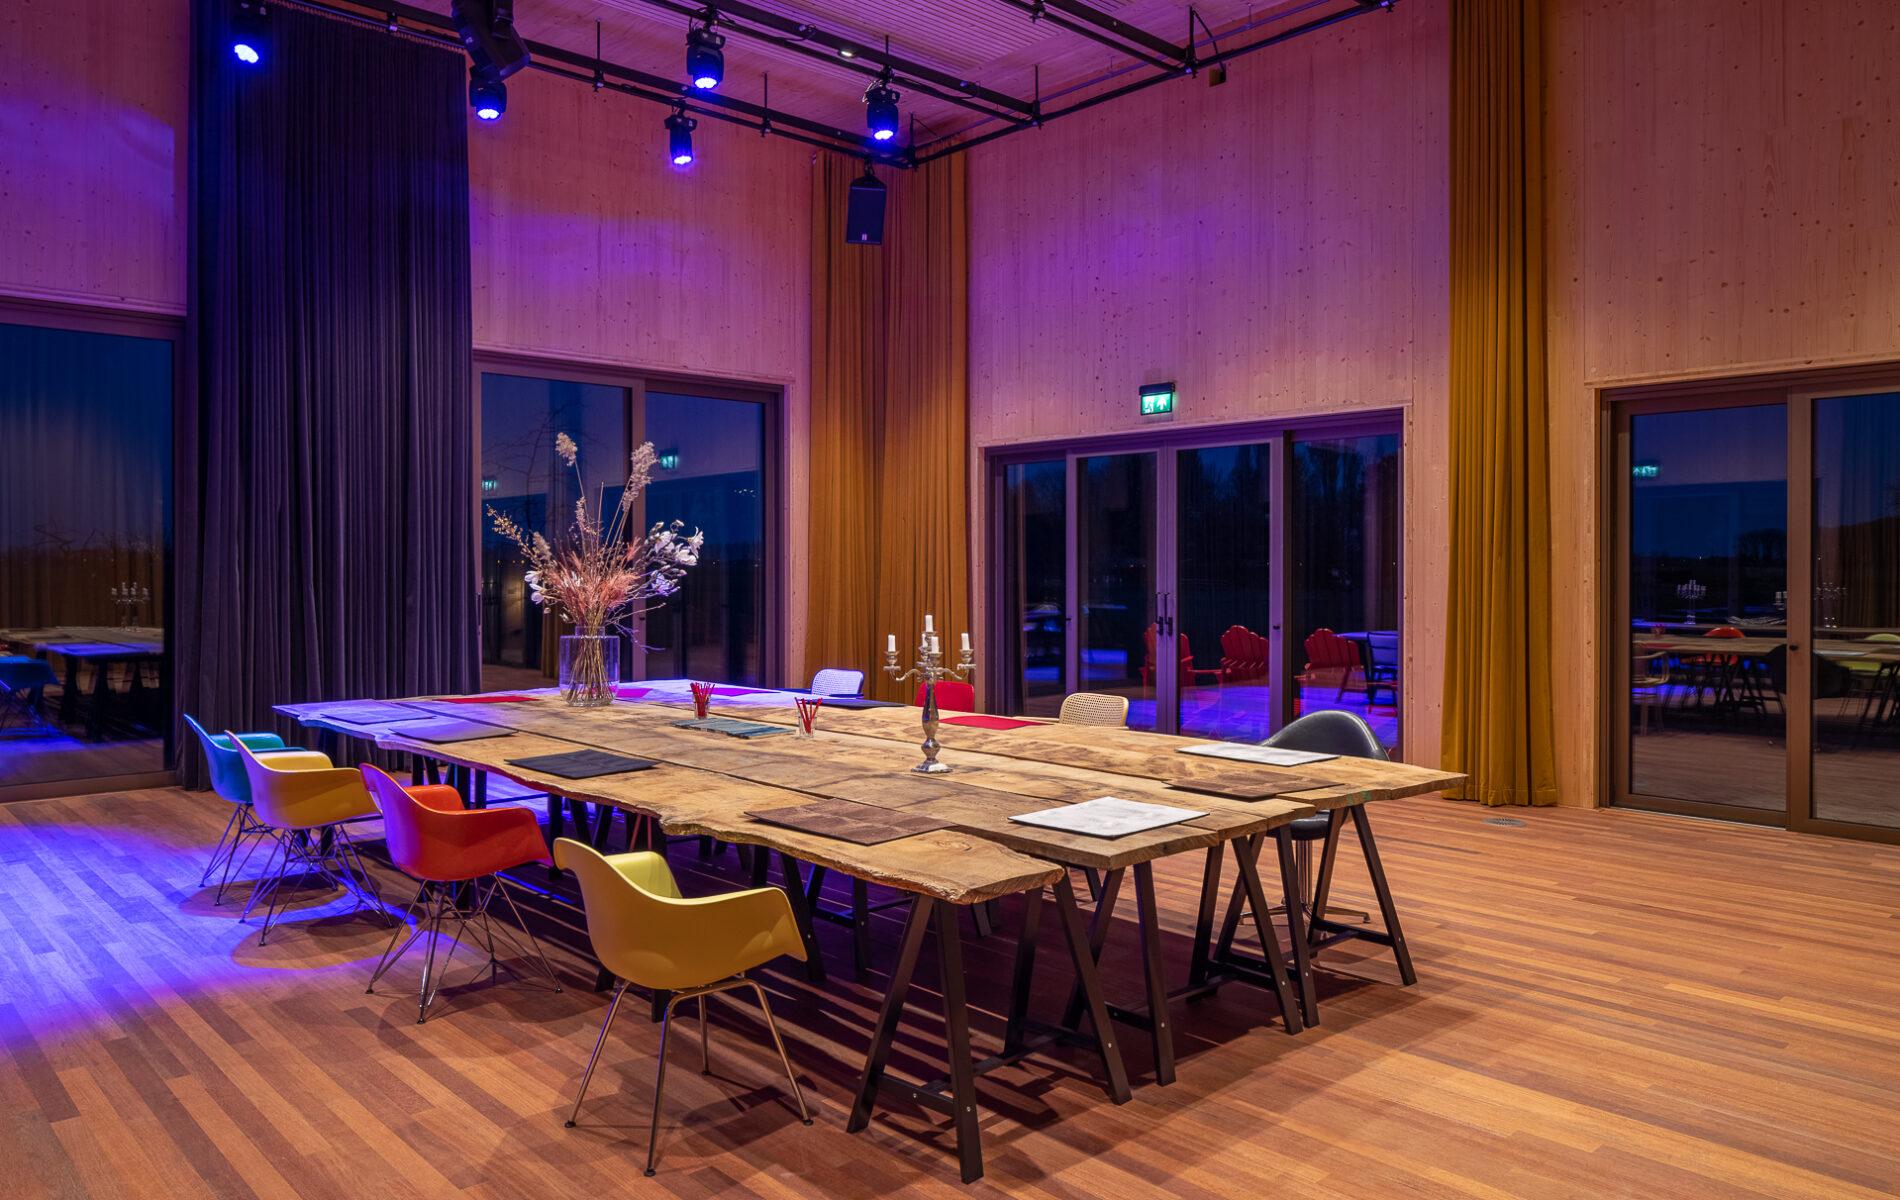 De Nieuwe Schuur, De Theaterzaal by night